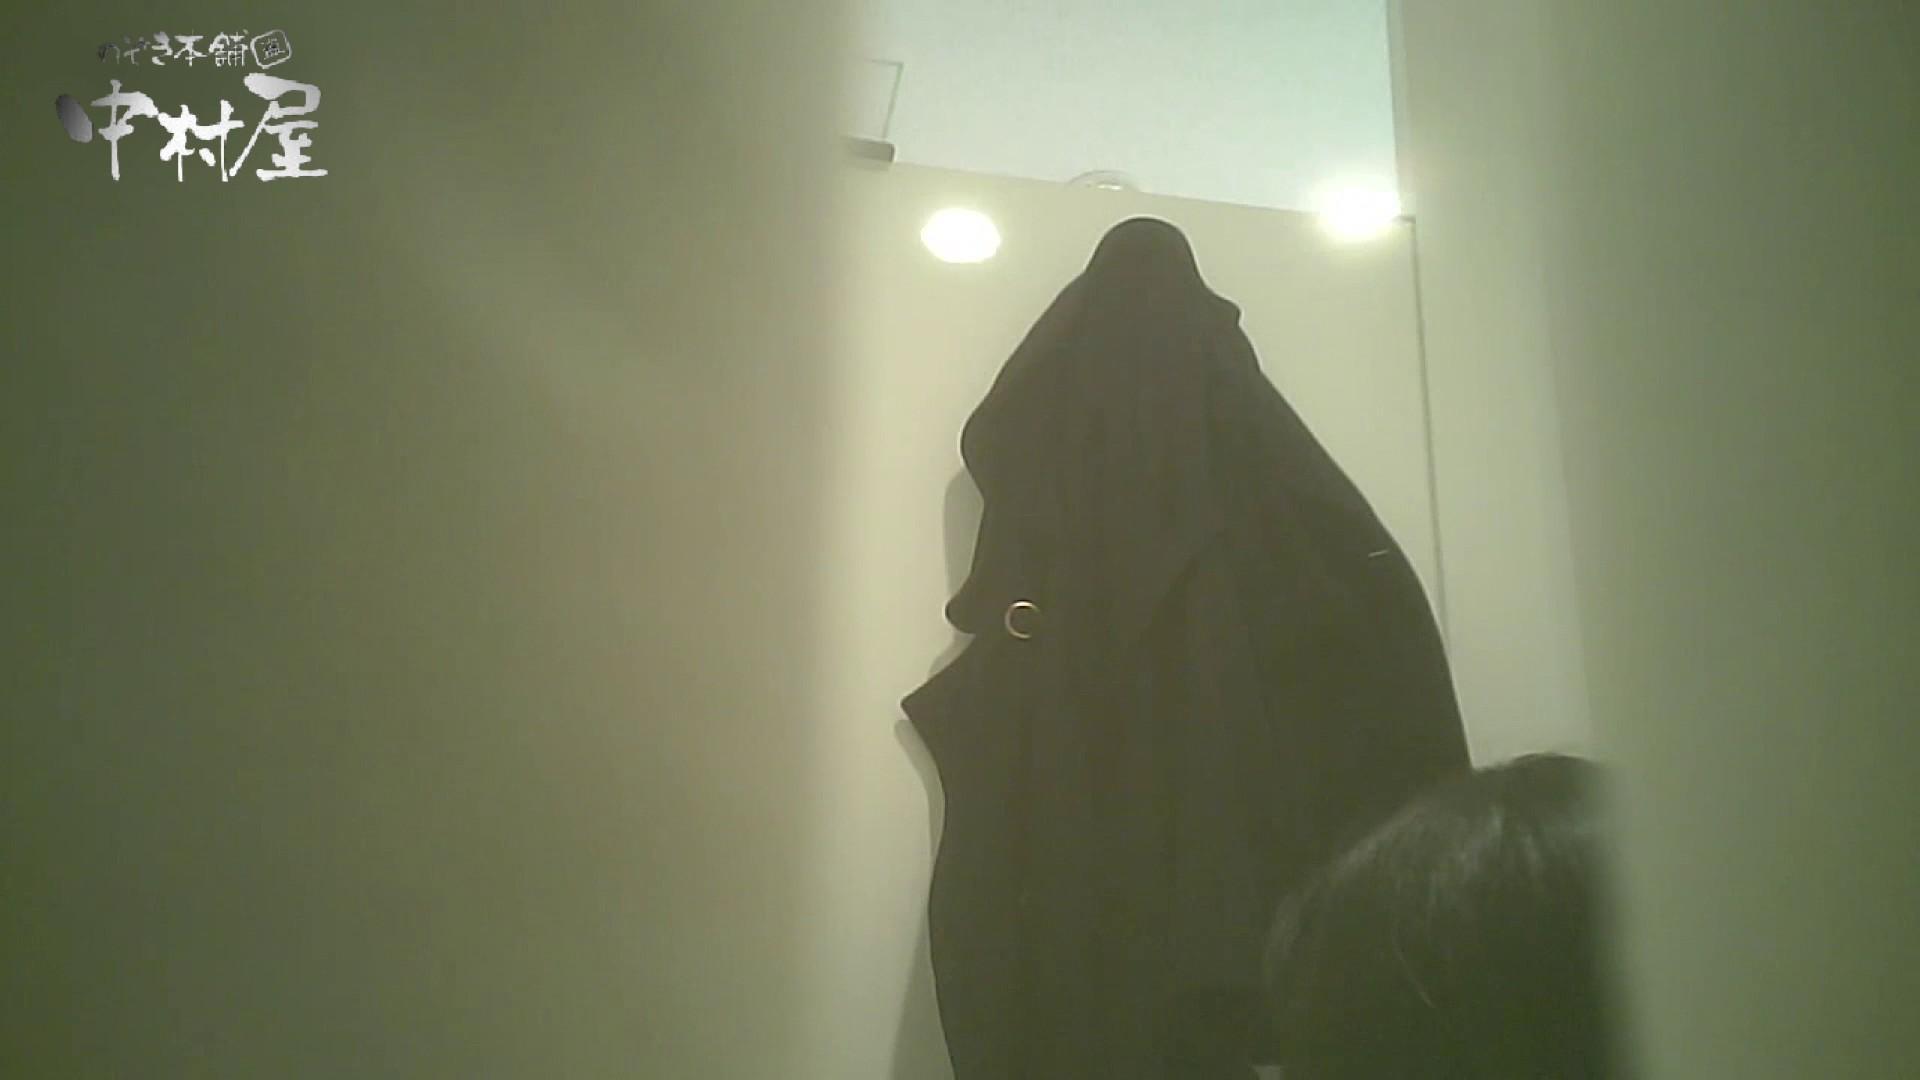 有名大学女性洗面所 vol.54 設置撮影最高峰!! 3視点でじっくり観察 和式トイレ SEX無修正画像 94pic 24